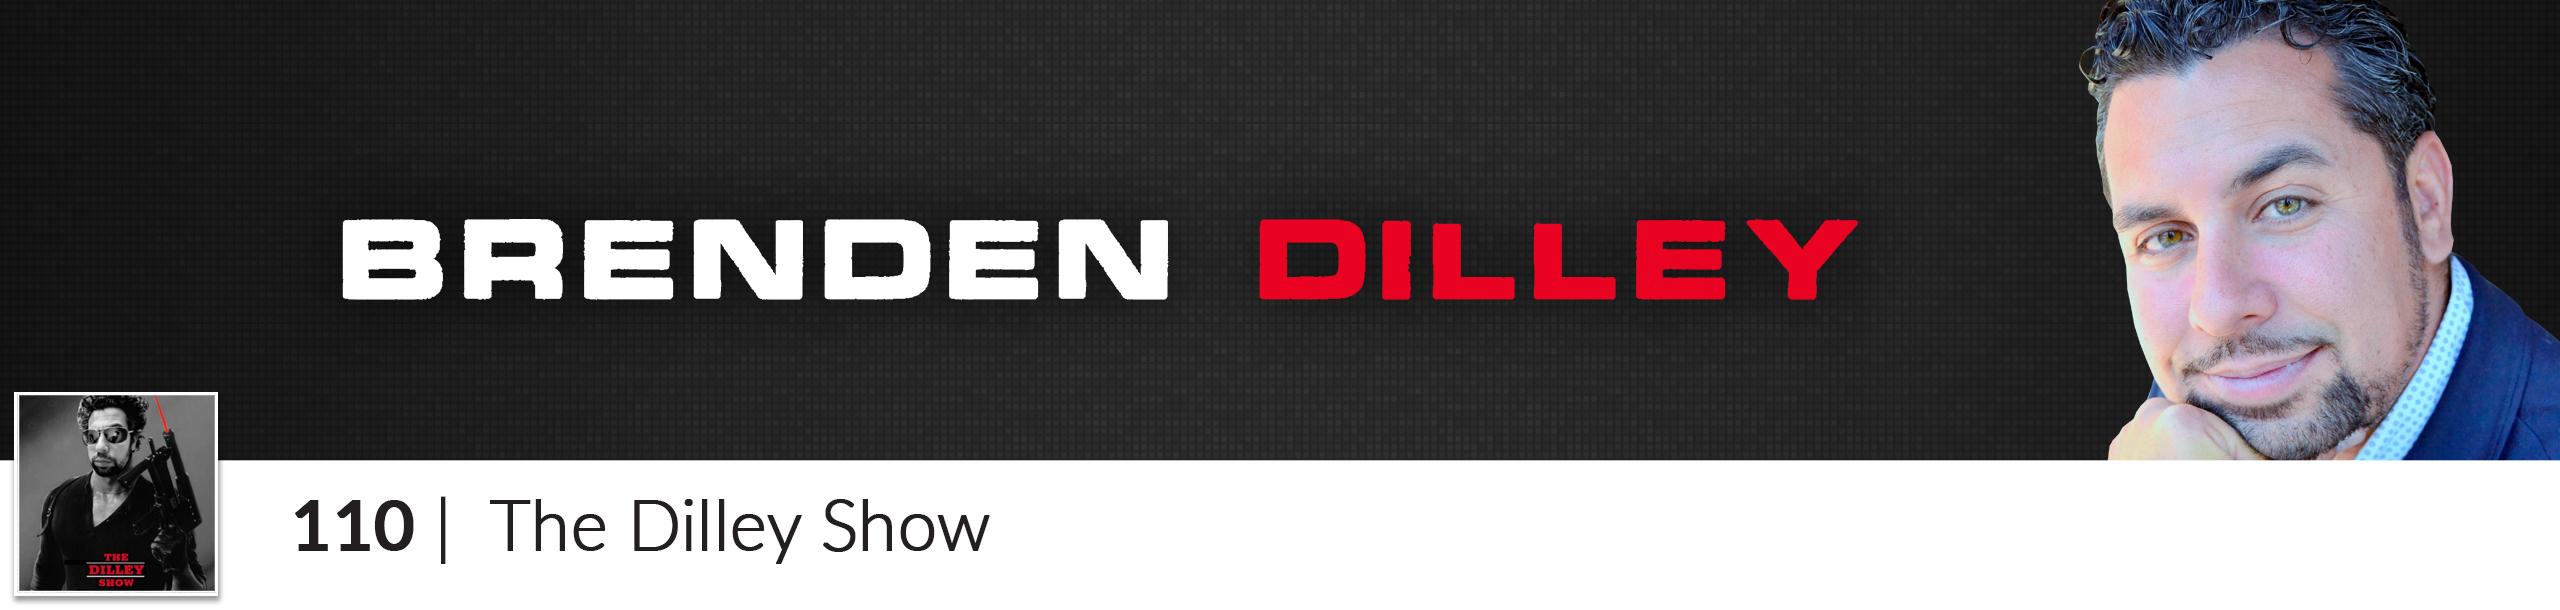 brenden_dilley_header1-1